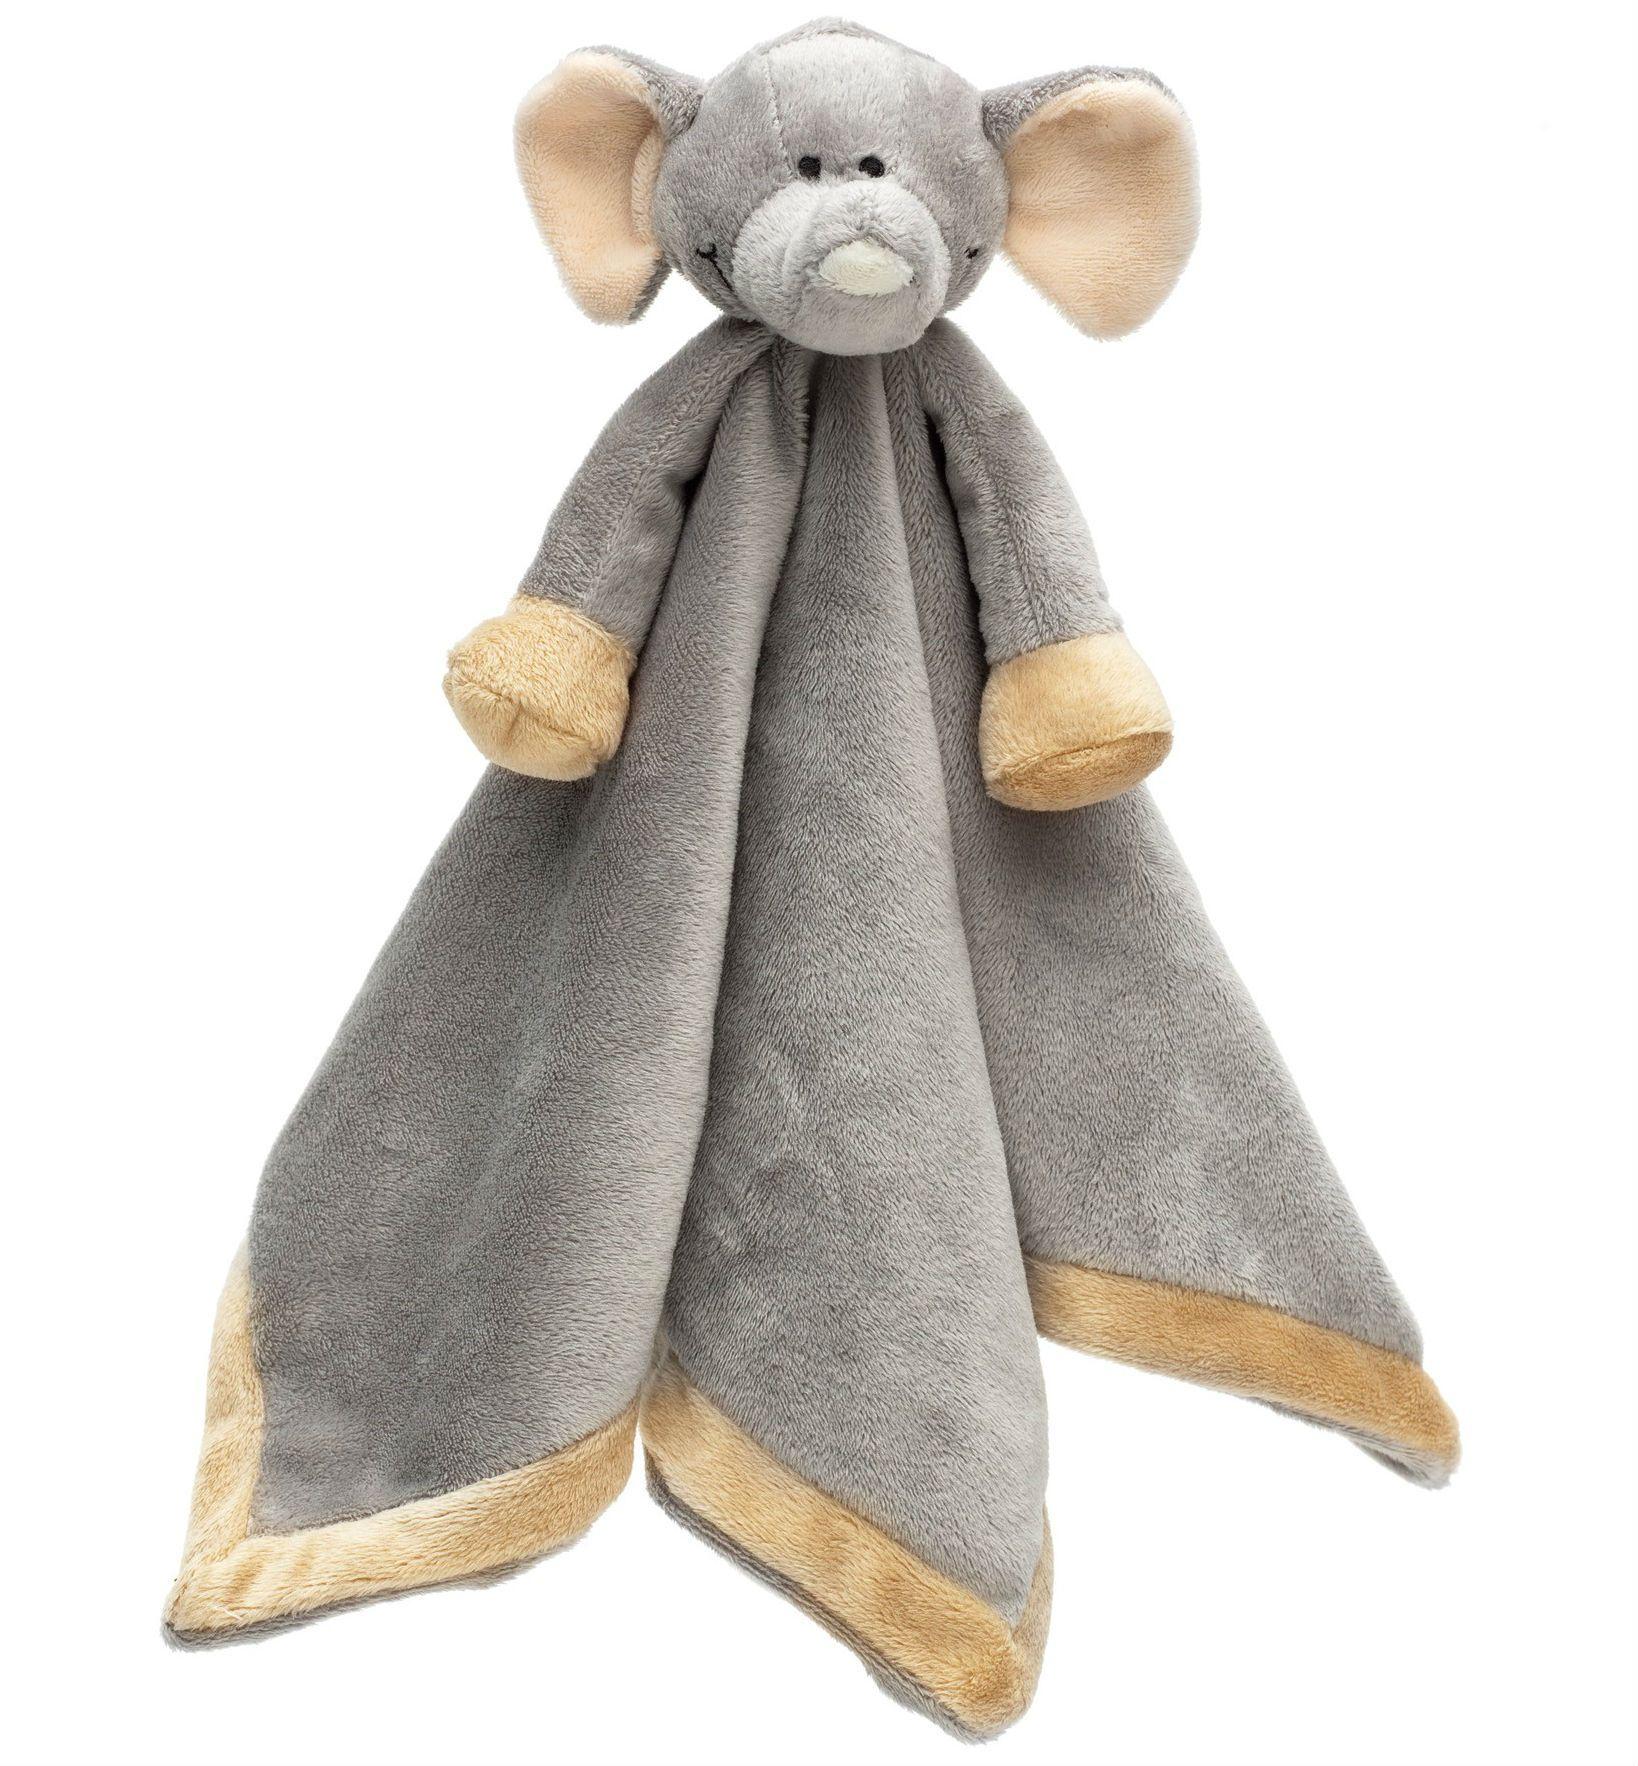 Teddykompaniet – Sutteklud fra teddykompaniet - diinglisar - elefant på babygear.dk